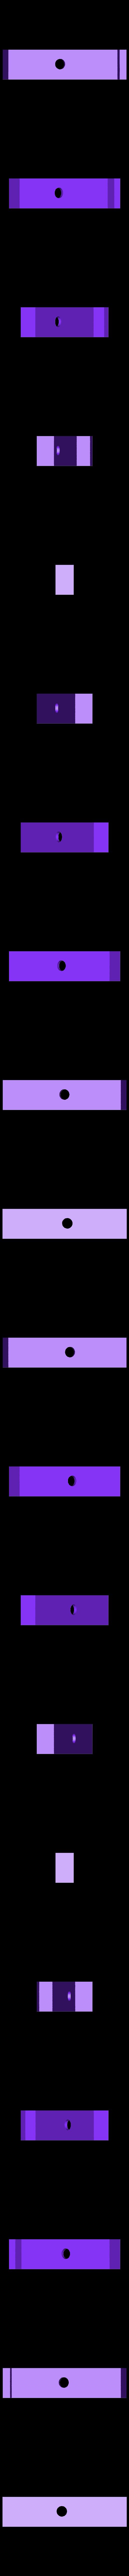 """holder.stl Télécharger fichier STL gratuit """"5"""" Raspberry pi LCD LCD Montage mural • Objet imprimable en 3D, indigo4"""